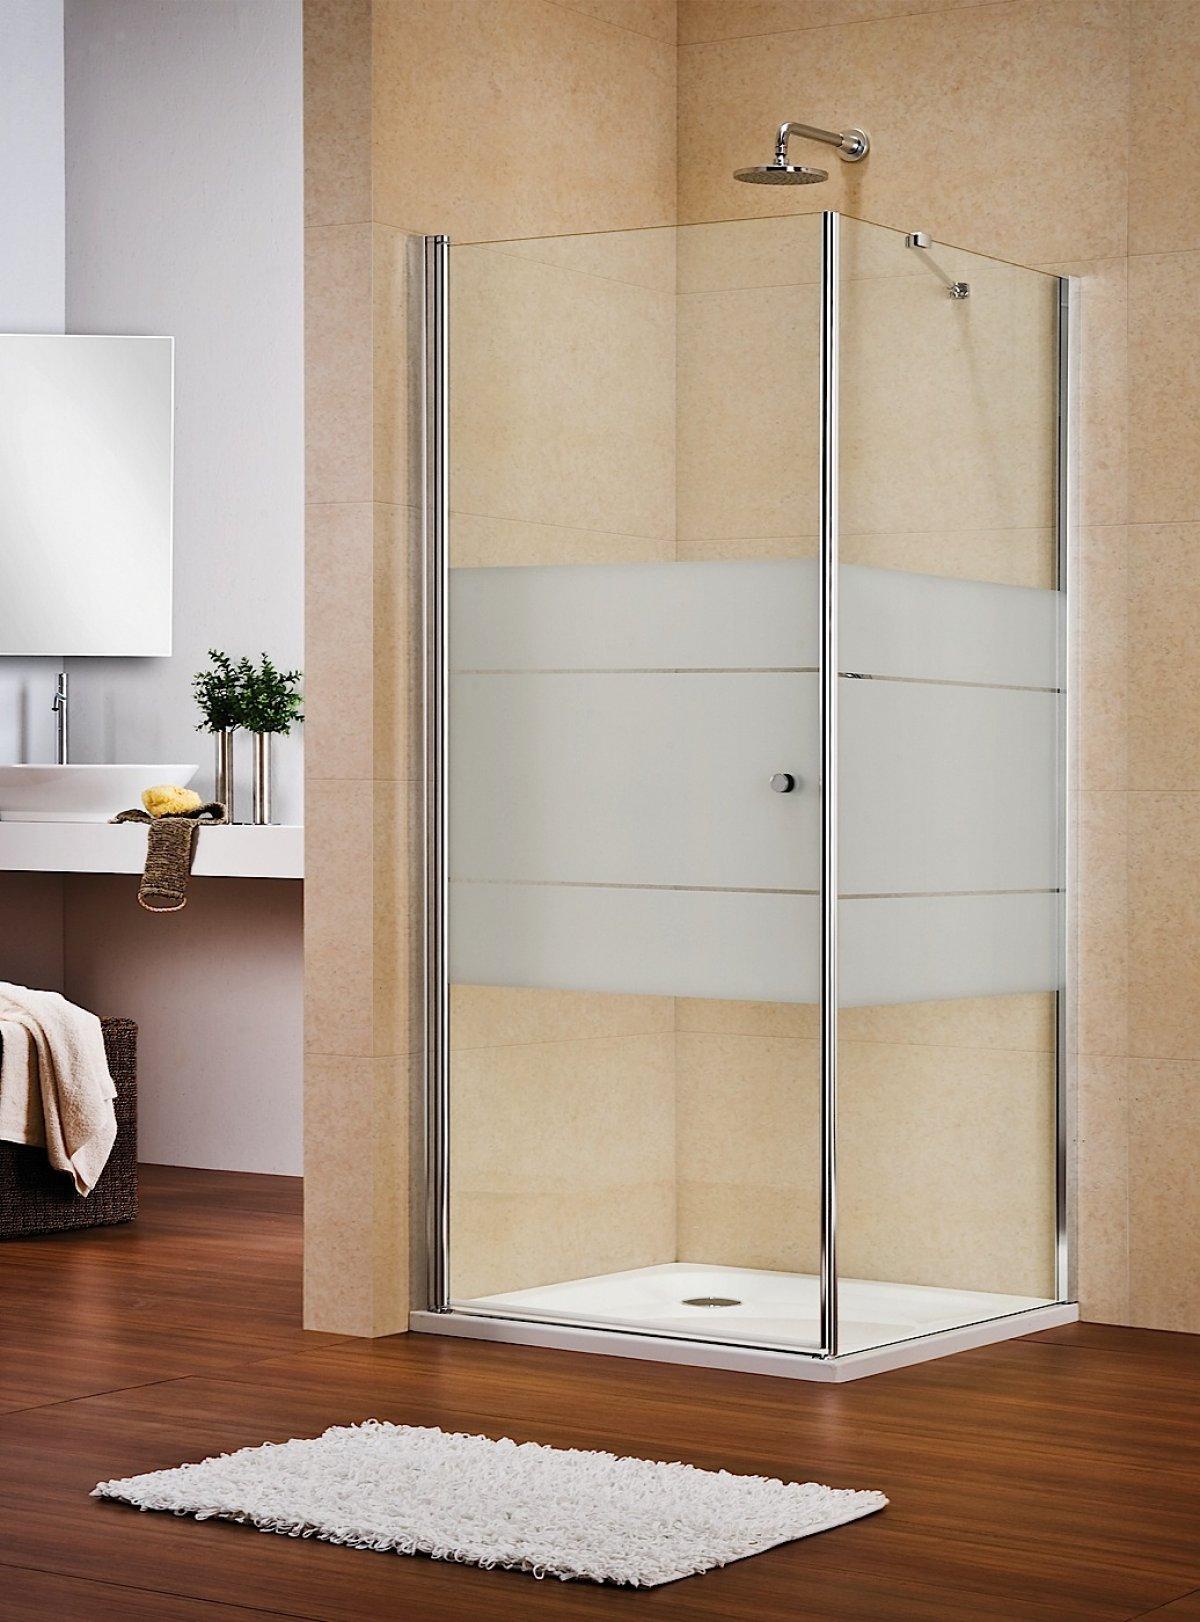 duka duschkabinen ersatzteile duschkabinen ersatzteile. Black Bedroom Furniture Sets. Home Design Ideas